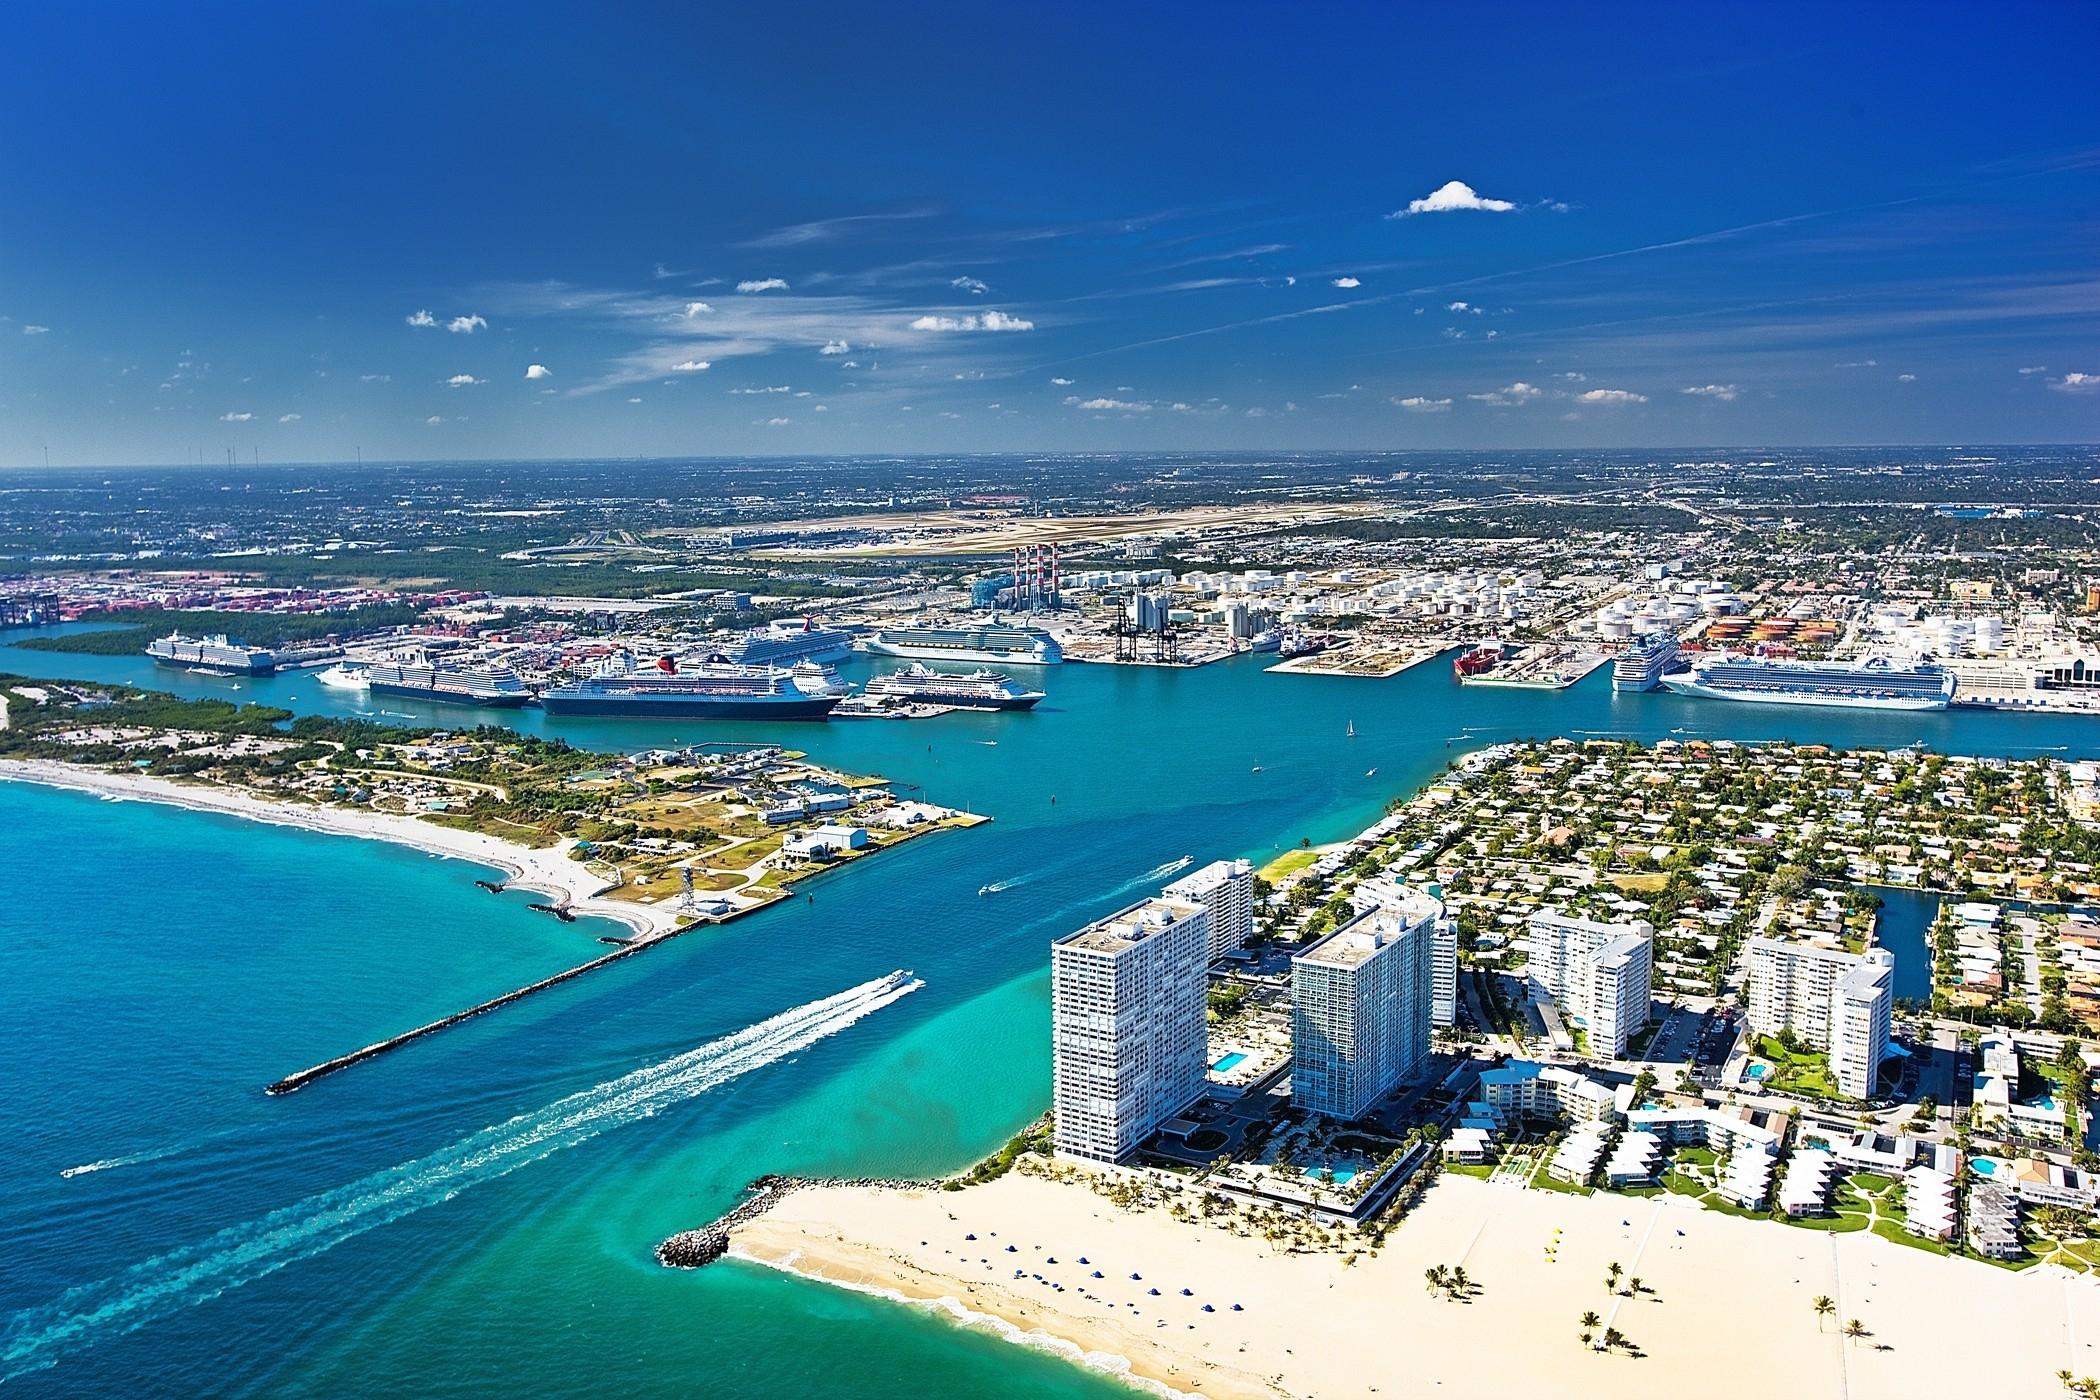 Imagini pentru Port Everglades (Florida)